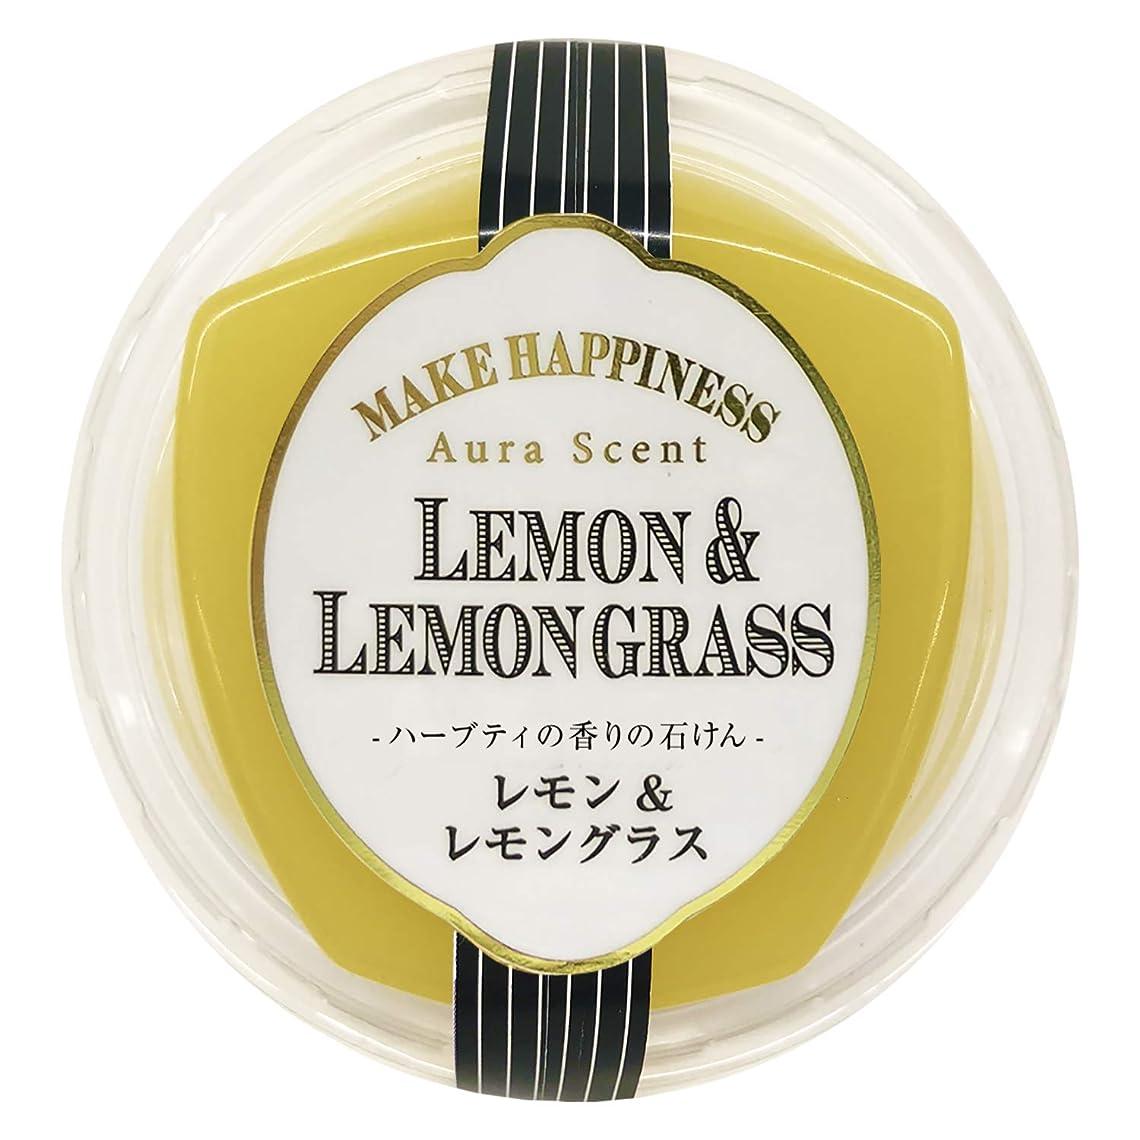 貴重な法医学ホールドオールペリカン石鹸 オーラセント クリアソープ レモン&レモングラス 75g